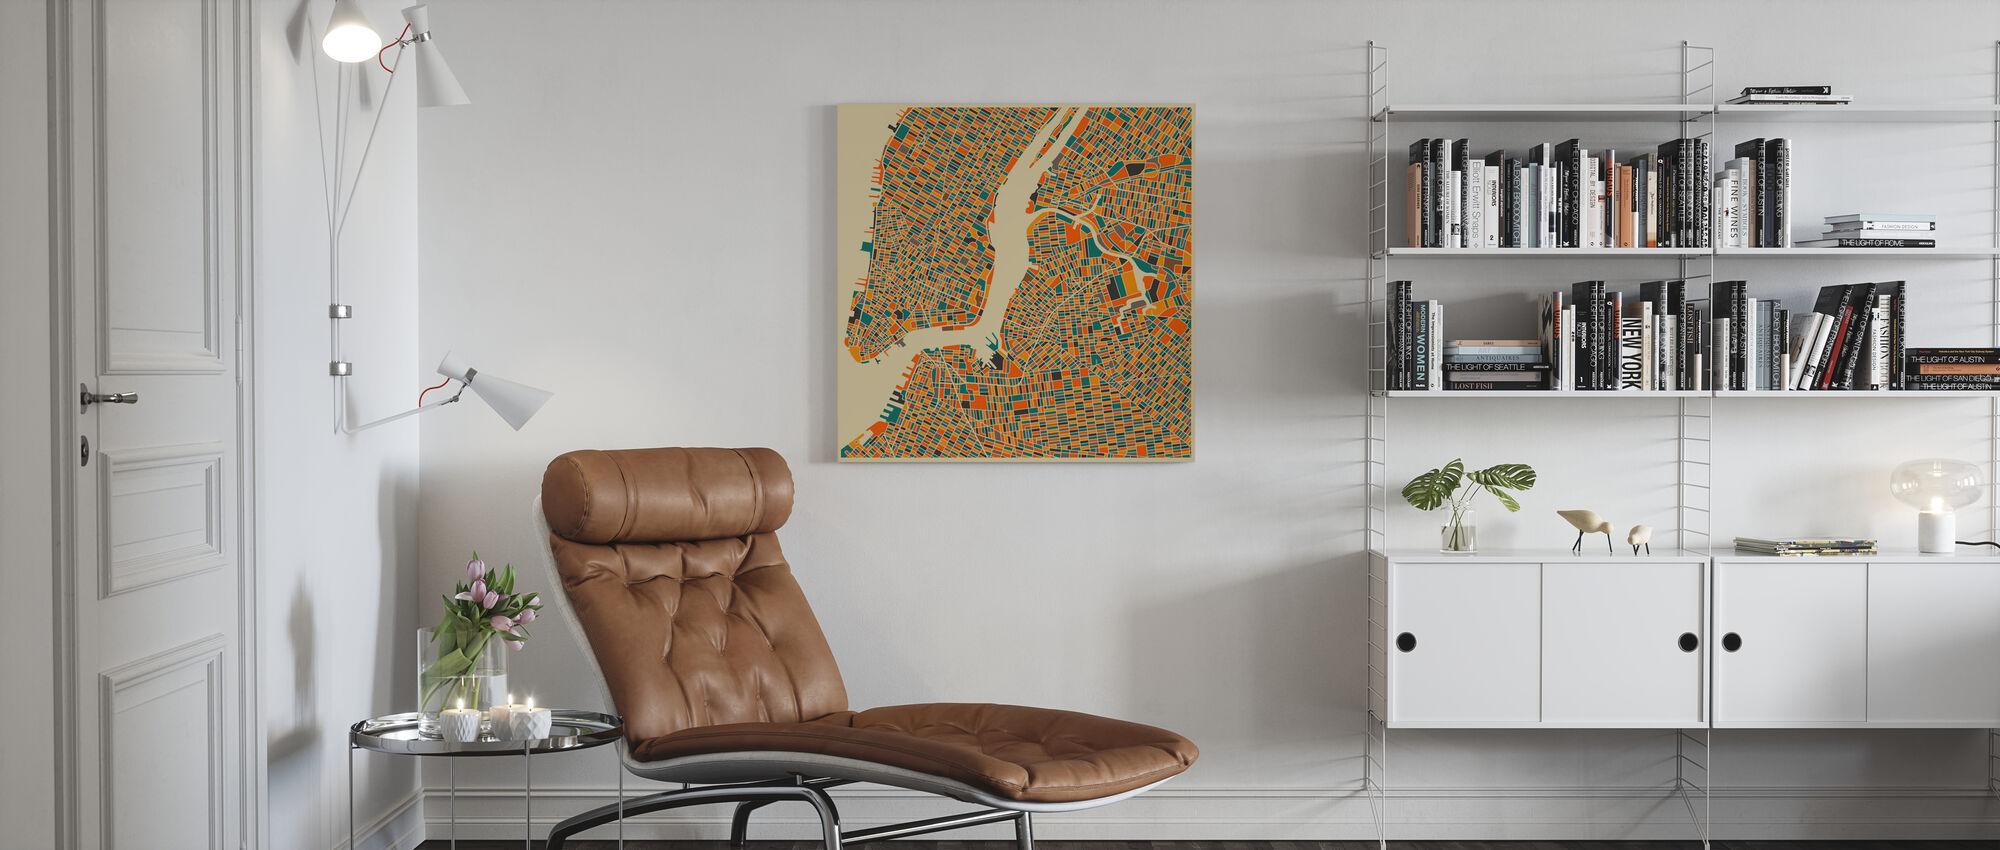 Monticolor Kartta - New York - Canvastaulu - Olohuone